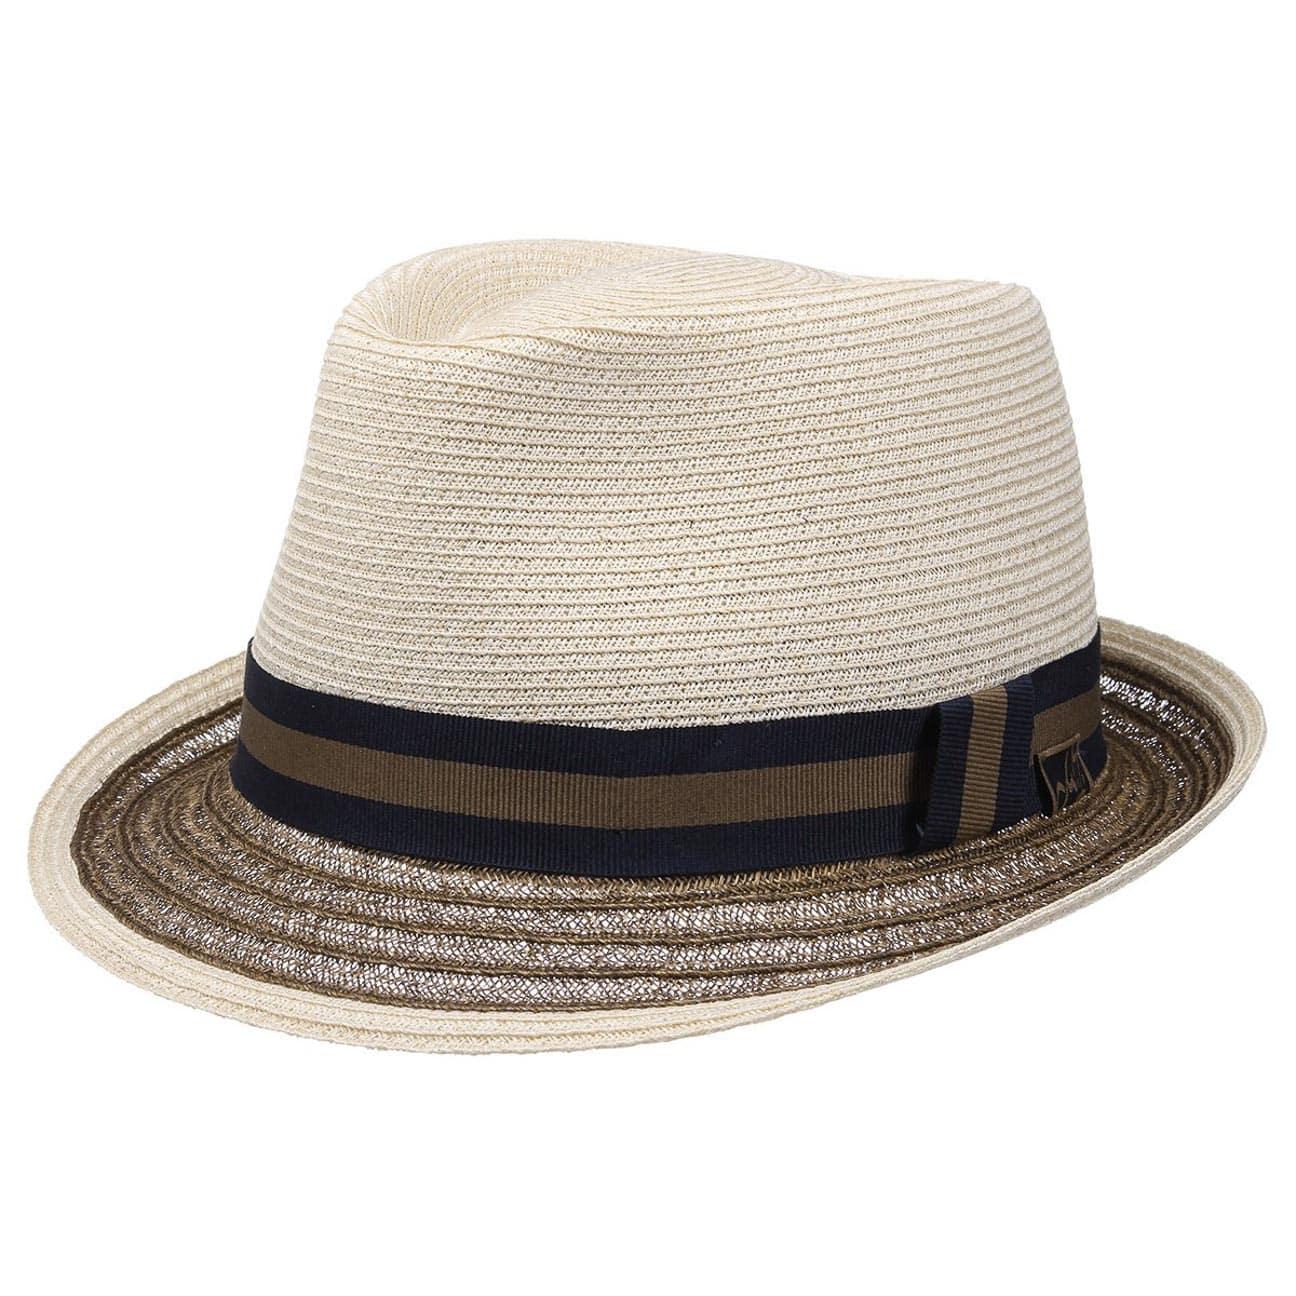 Chapeau en Paille Theo Zechbauer by Mayser  chapeau pour homme